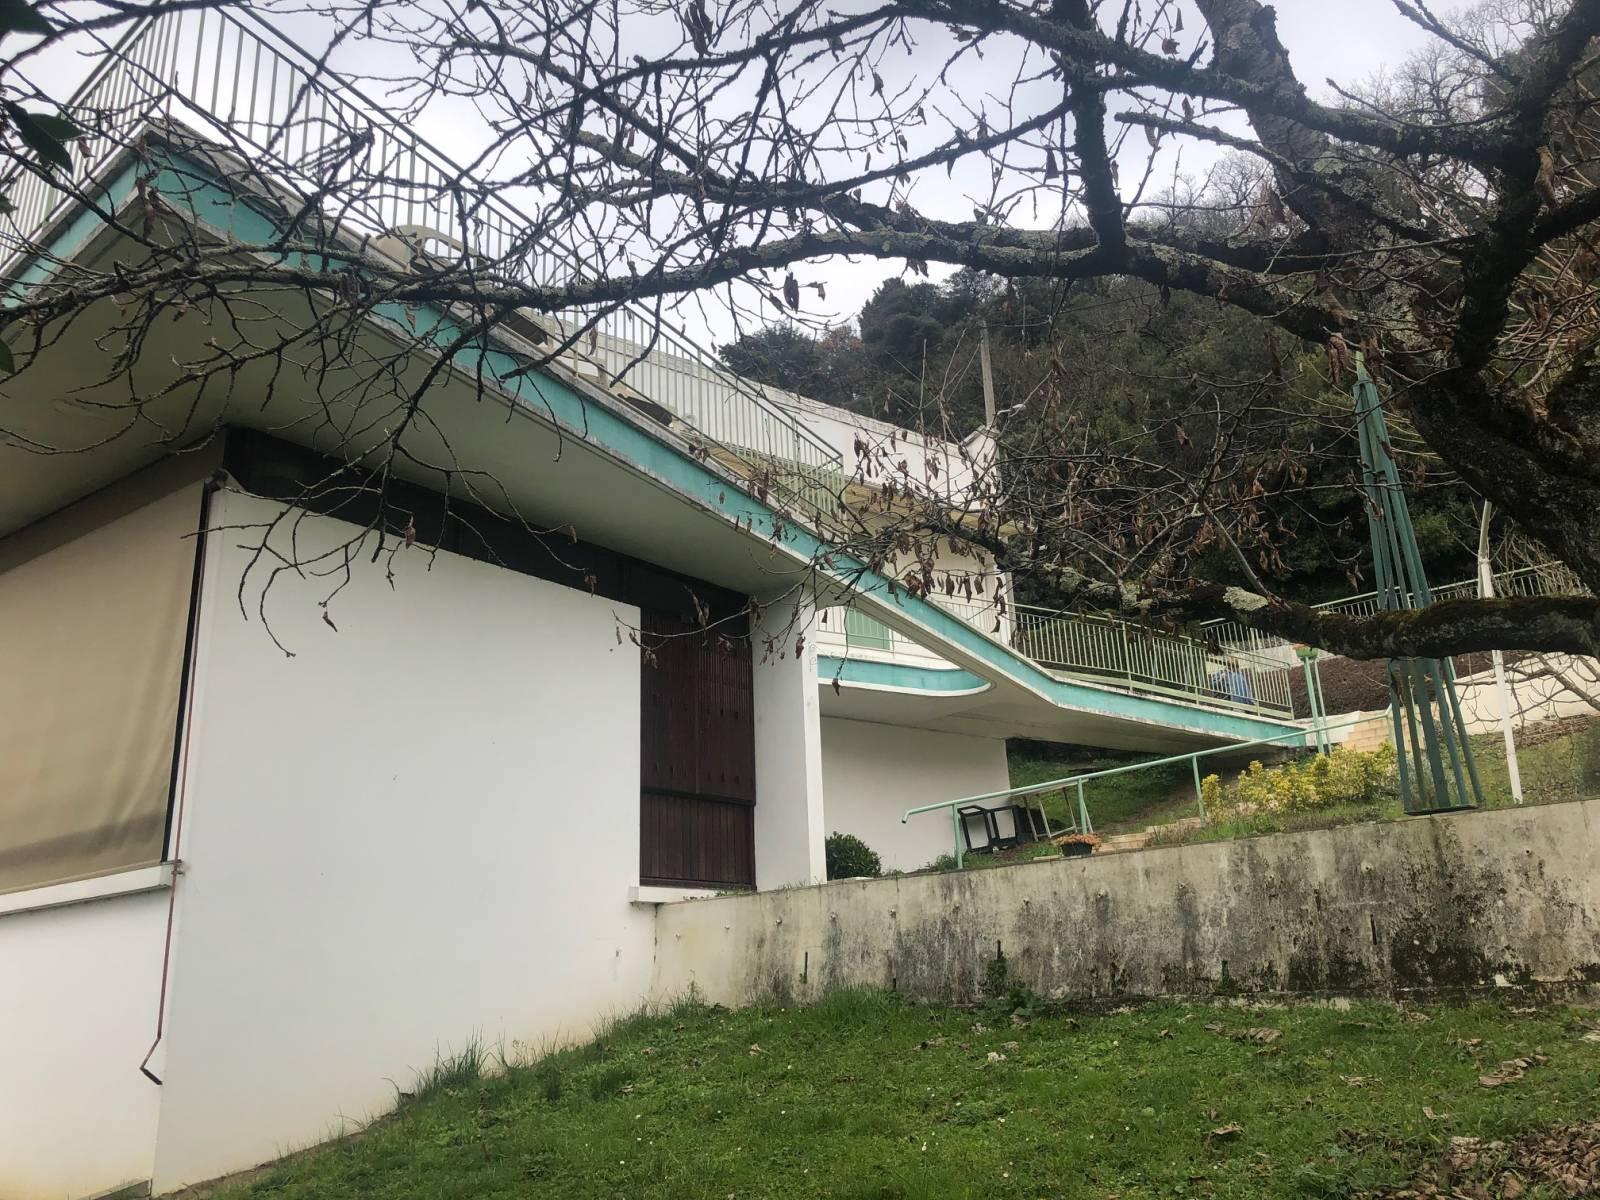 A Vendre : Maison d'architecte des années 60 - Unique Bas Cenon - Agence immobilière à Bordeaux ...